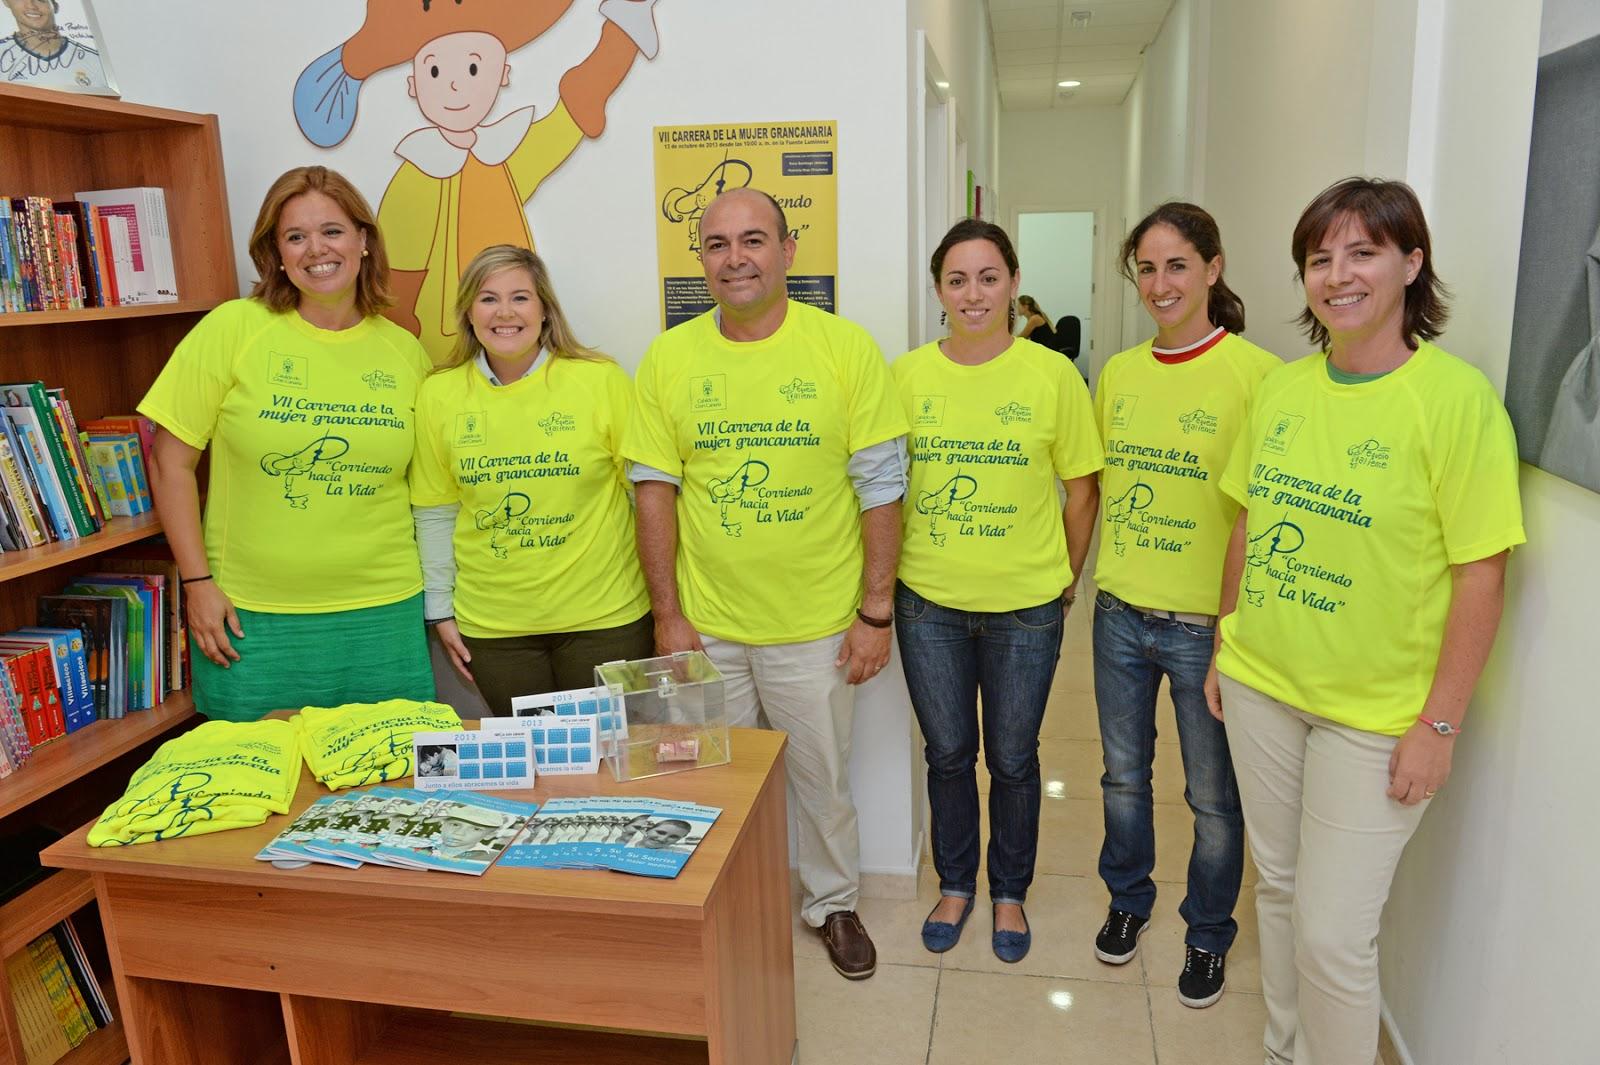 VII Carrera de la mujer grancanaria por la Asociación Pequeño ...